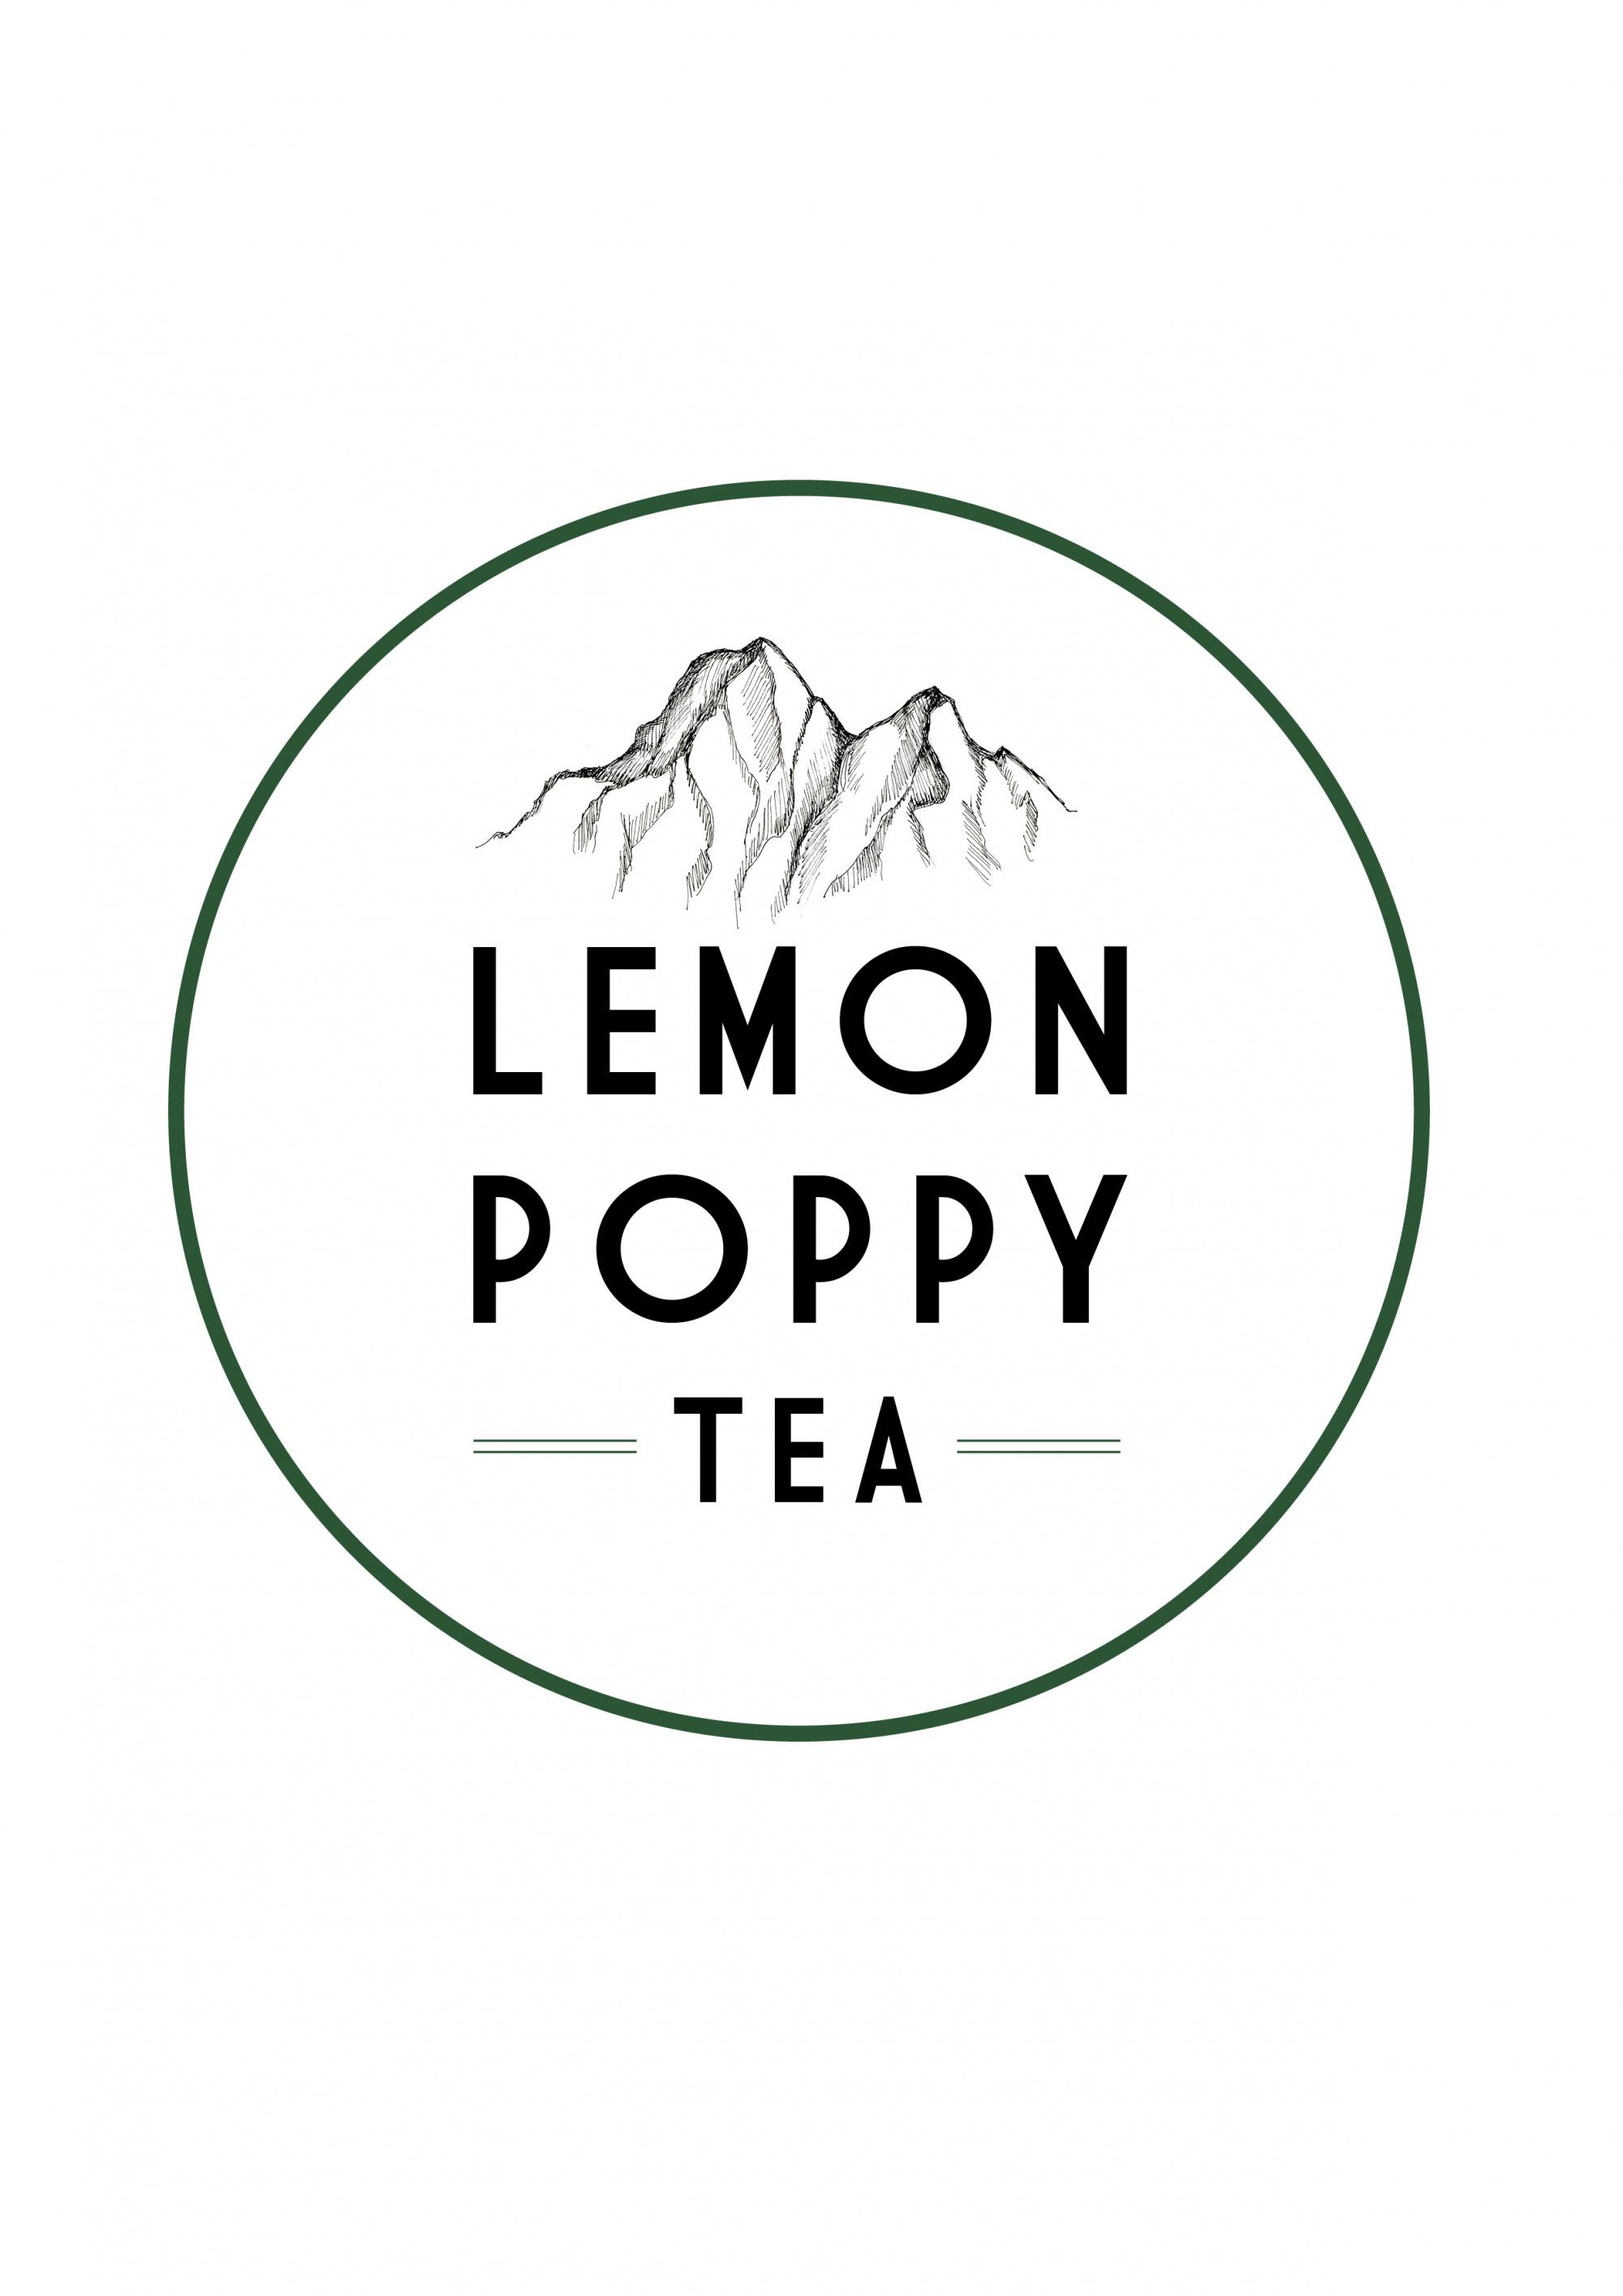 LEMON POPPY TEA